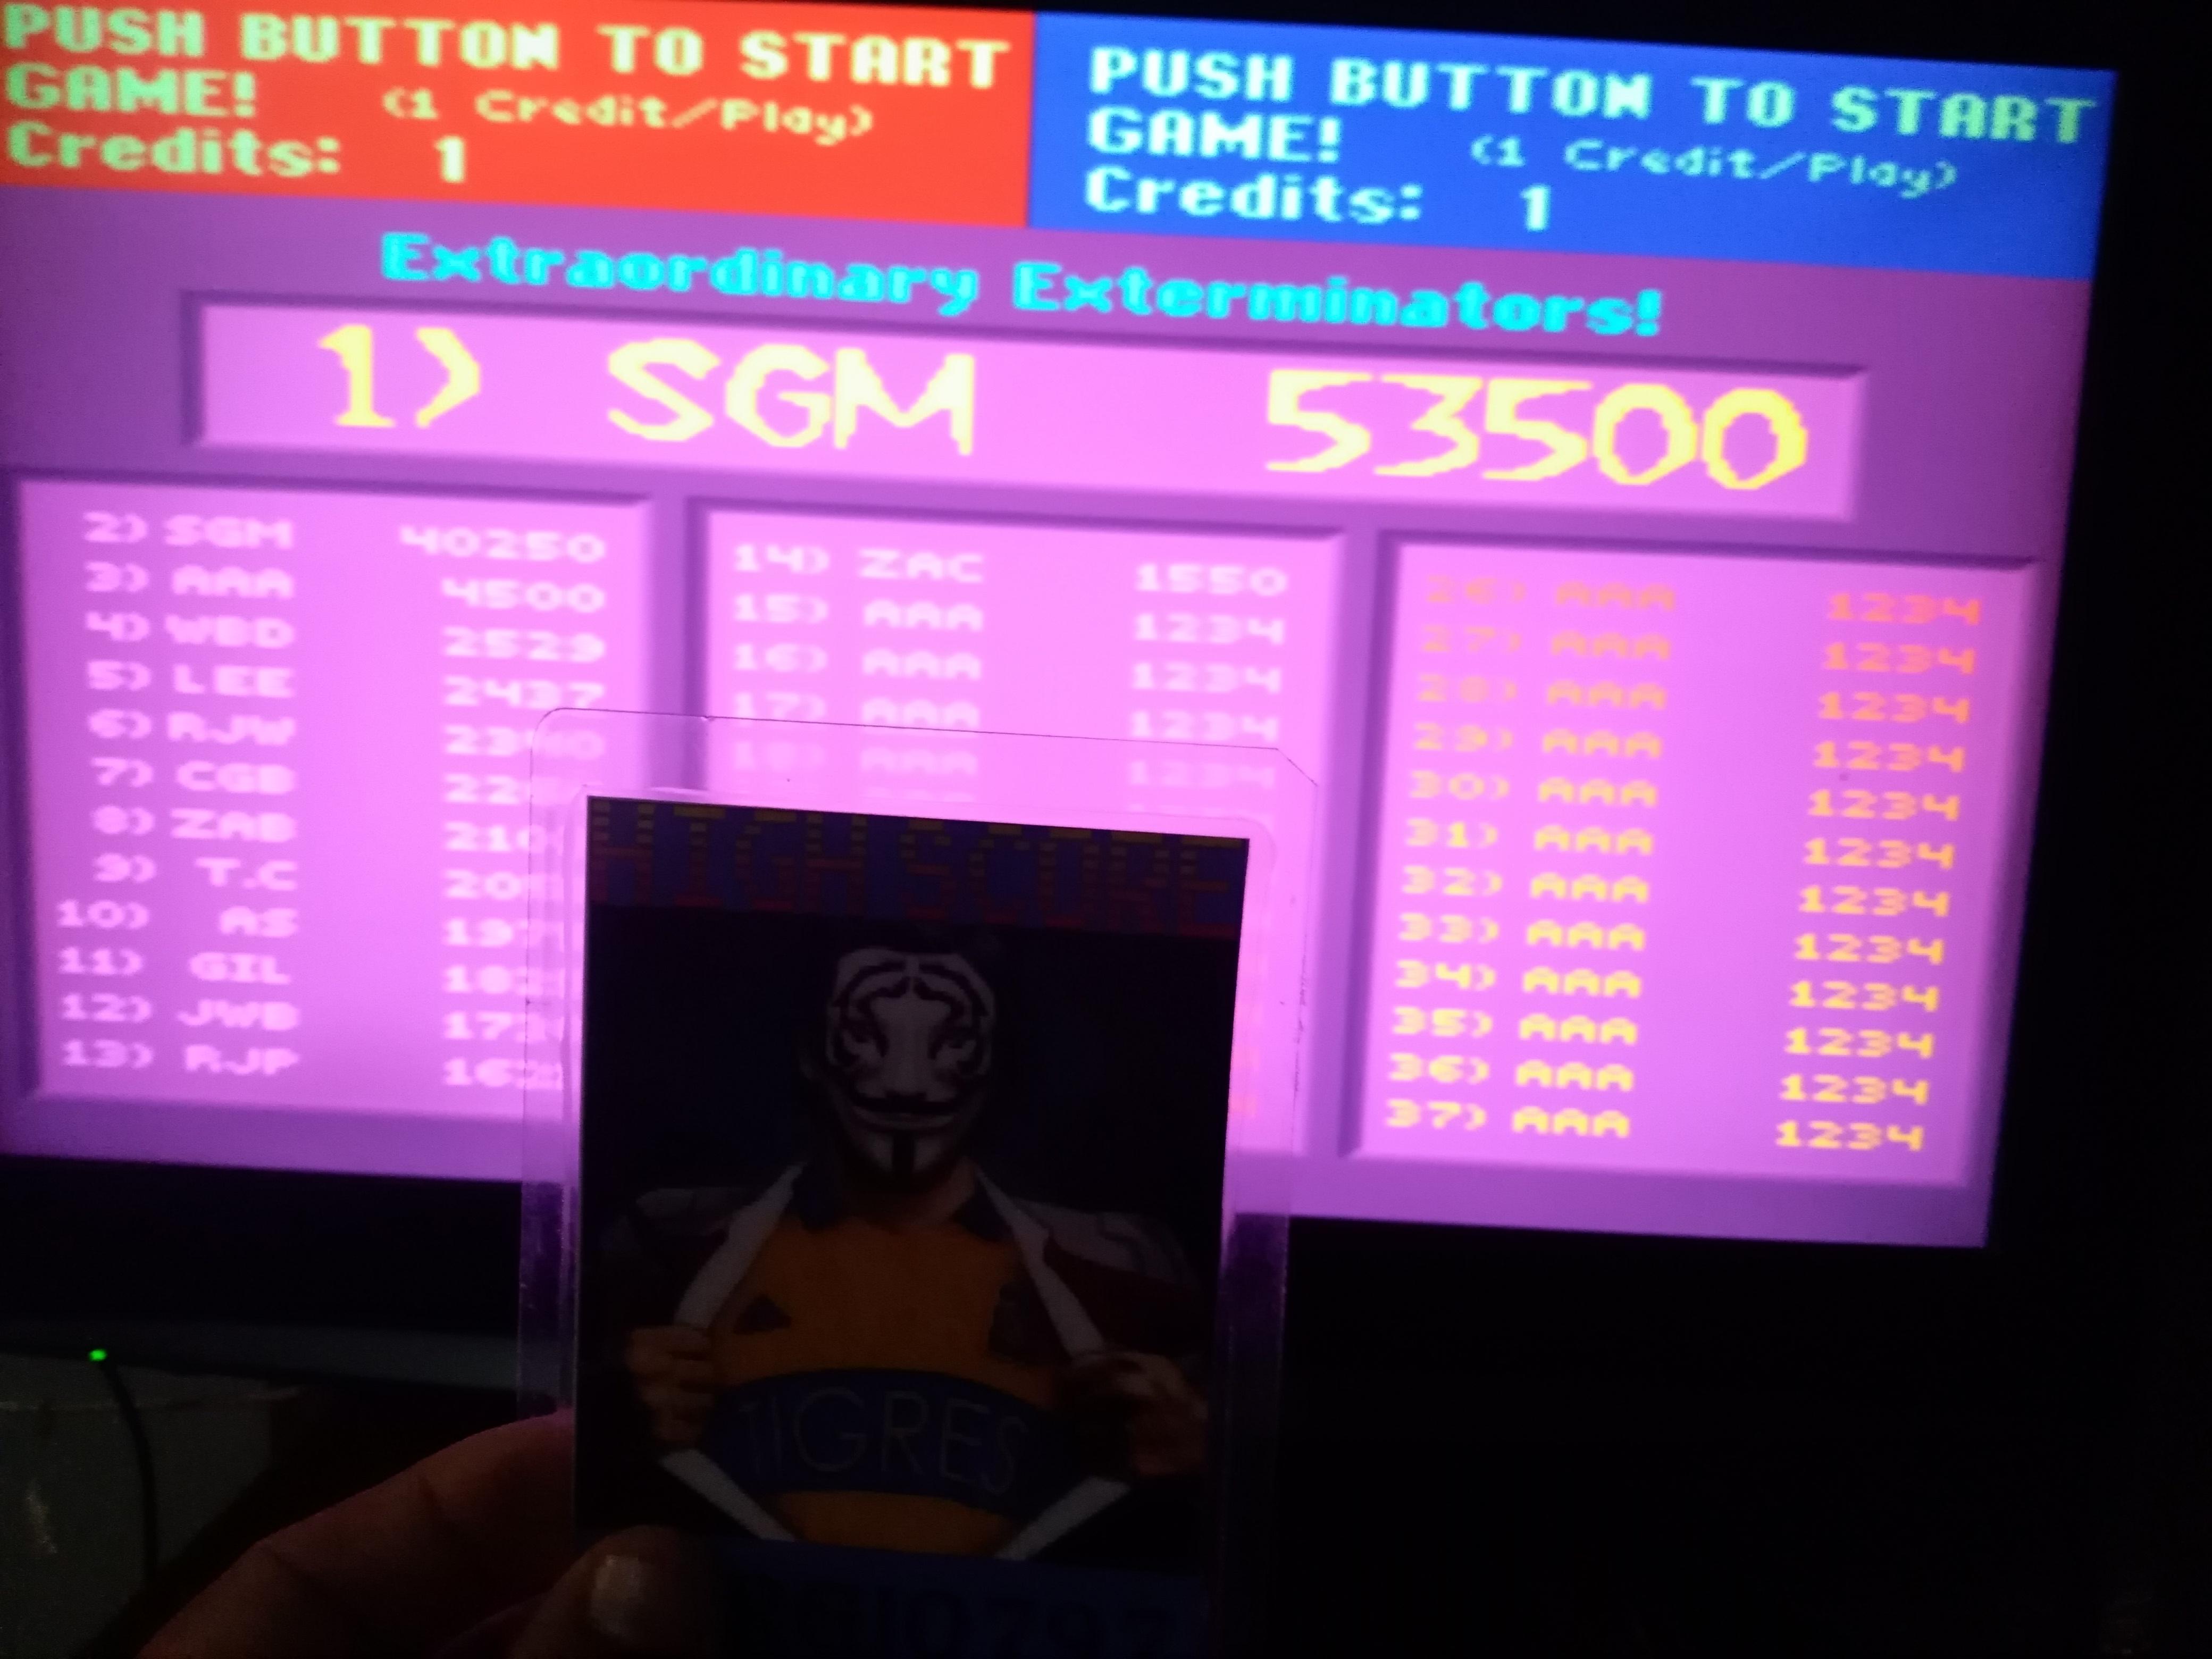 Sdrgio797: Exterminator [exterm] (Arcade Emulated / M.A.M.E.) 53,500 points on 2021-07-08 09:51:25